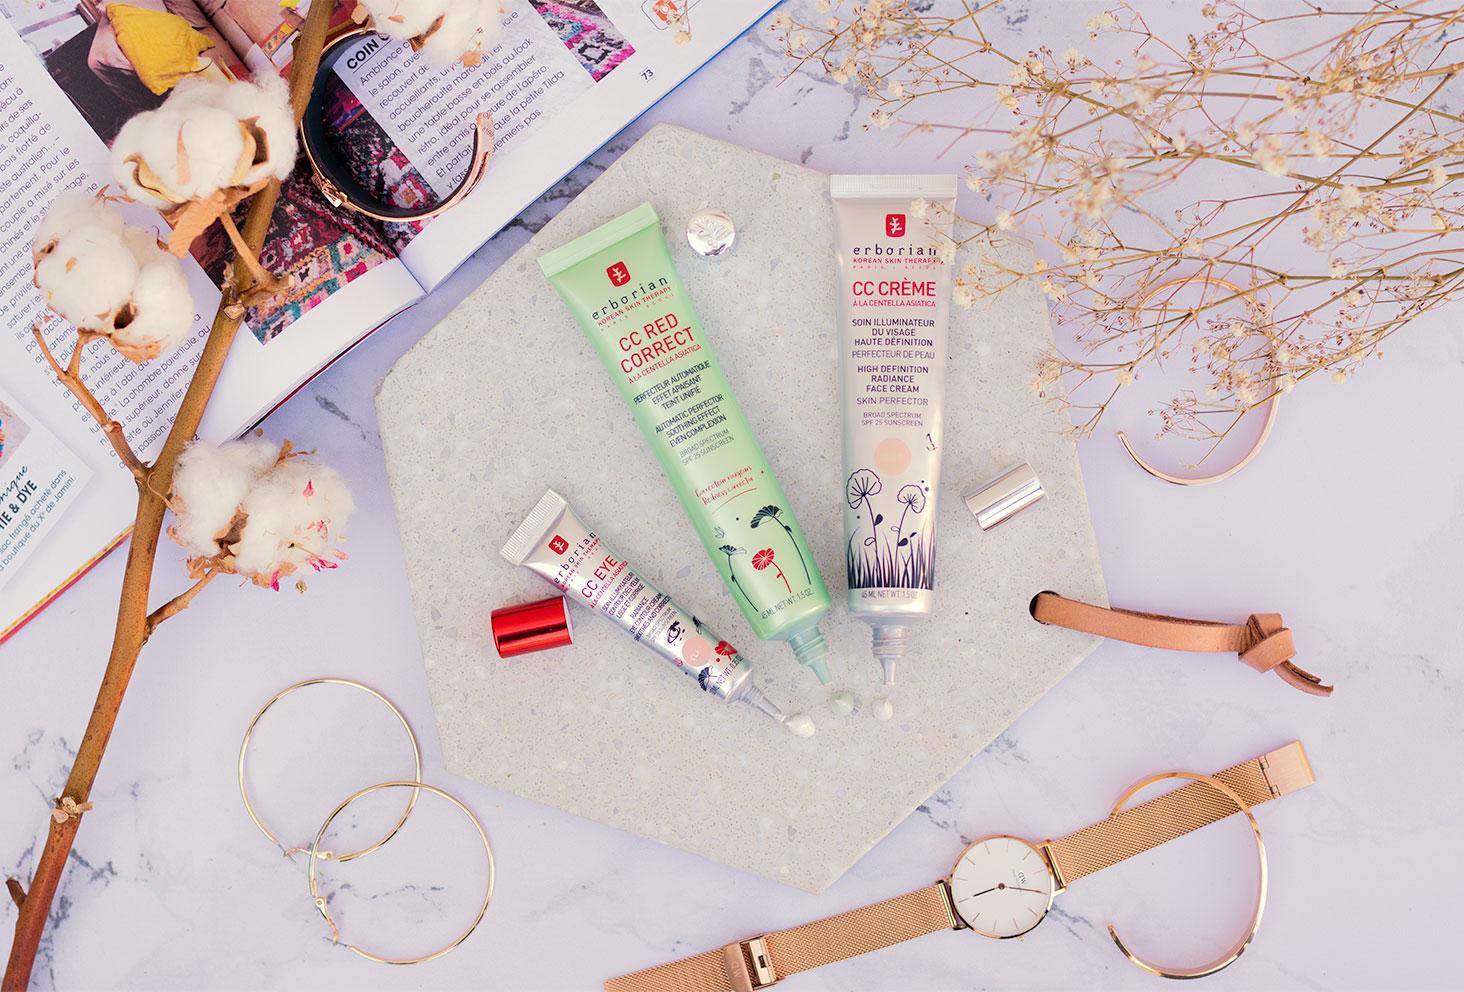 Les trois produits pour le teint Erborian et leurs textures, pris de haut, à côté d'un magazine ouvert au milieu de fleurs séchées